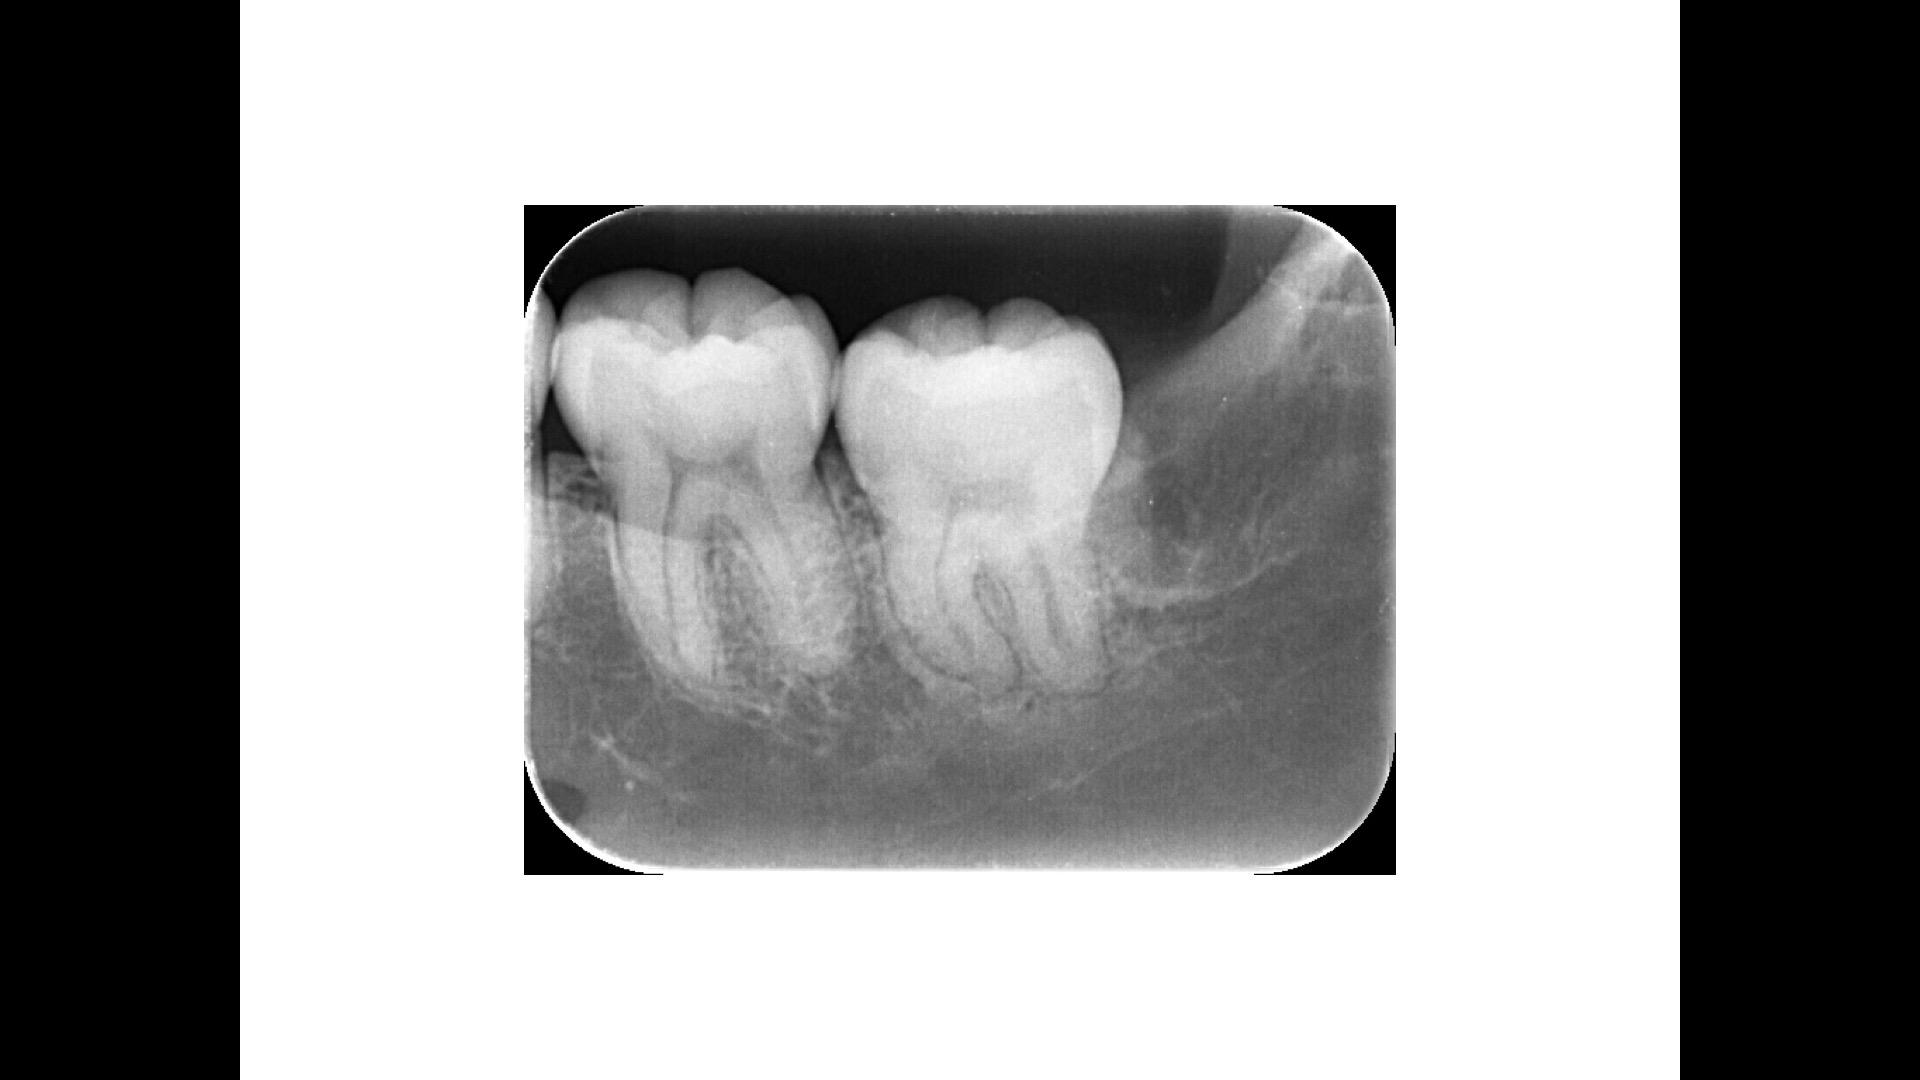 親知らず 抜歯 下の親知らず 麻痺 腫れ 神経